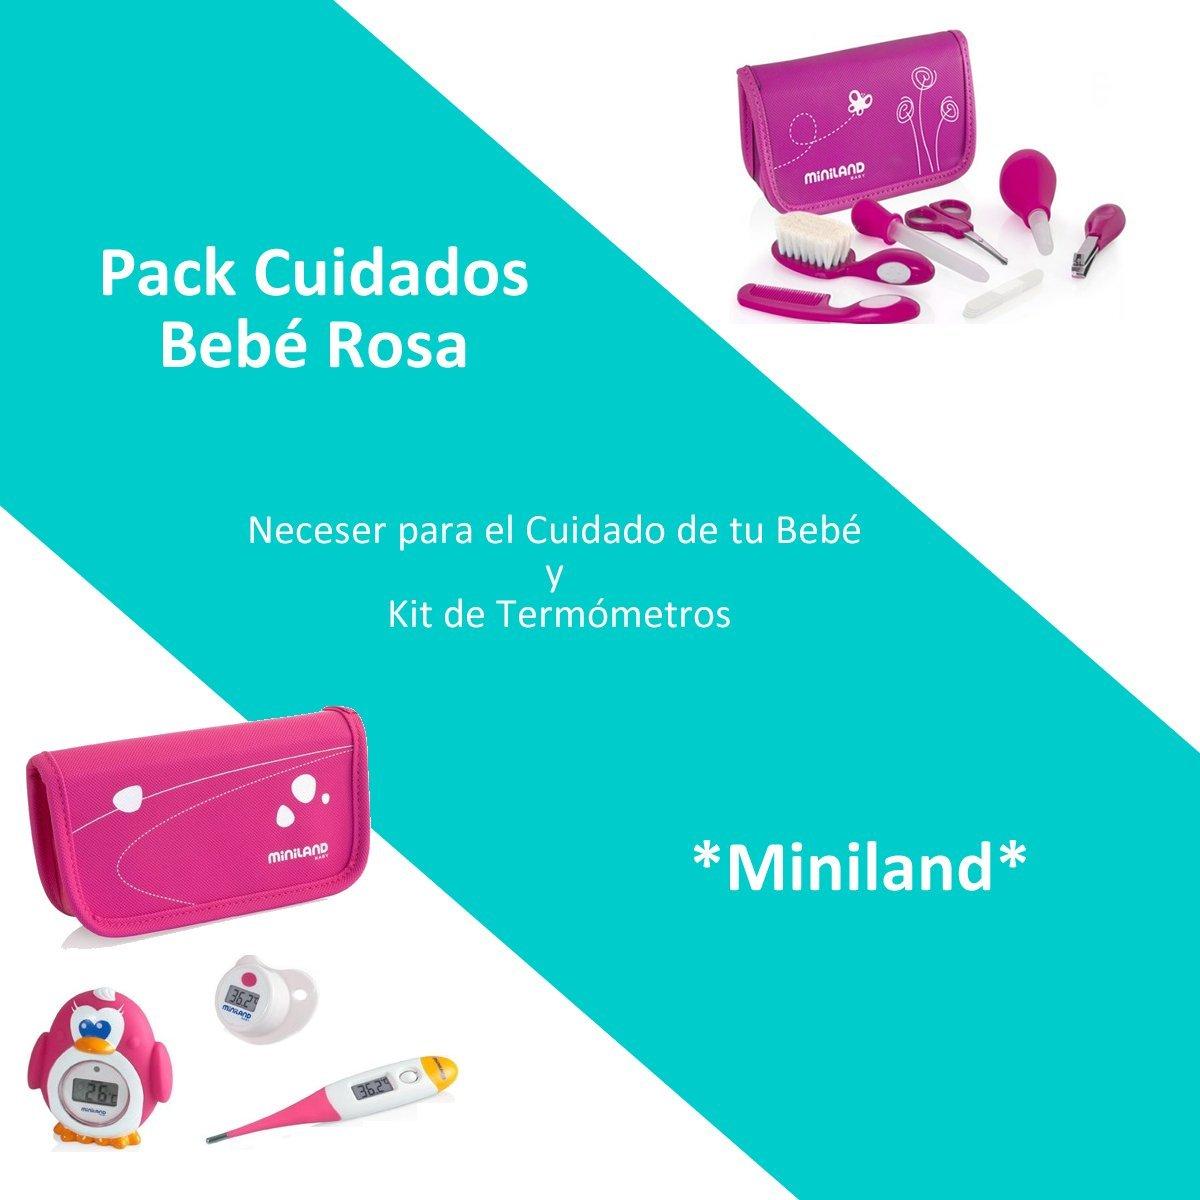 Pack Cuidados Bebé Color Rosa: Neceser para el Cuidado de tu Bebé y Kit de Termómetros Miniland